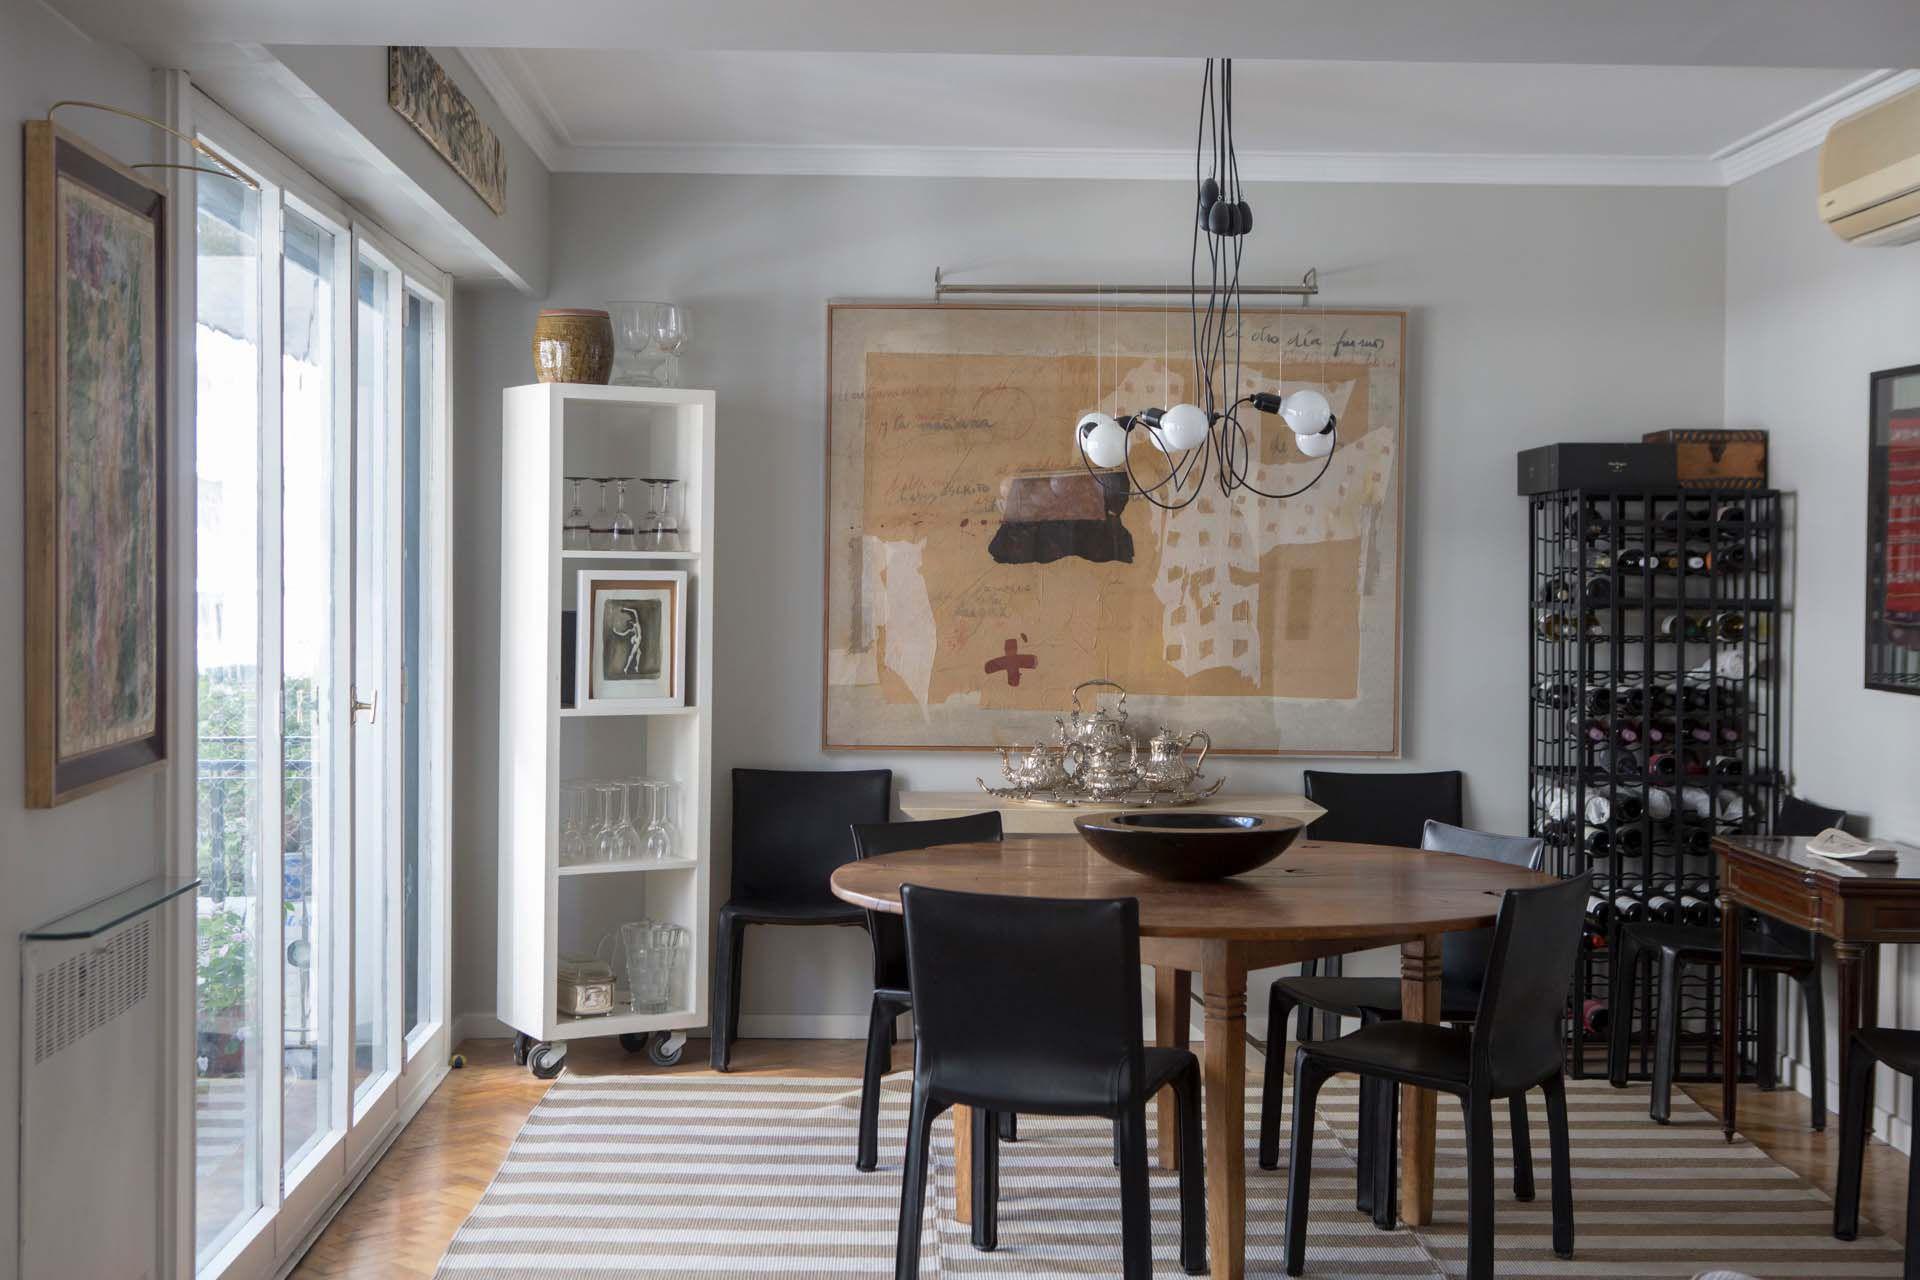 El eclecticismo del cliente se refleja también en el comedor, donde conviven sillas de diseño moderno, con una mesa rústica, arte informalista y platería europea.